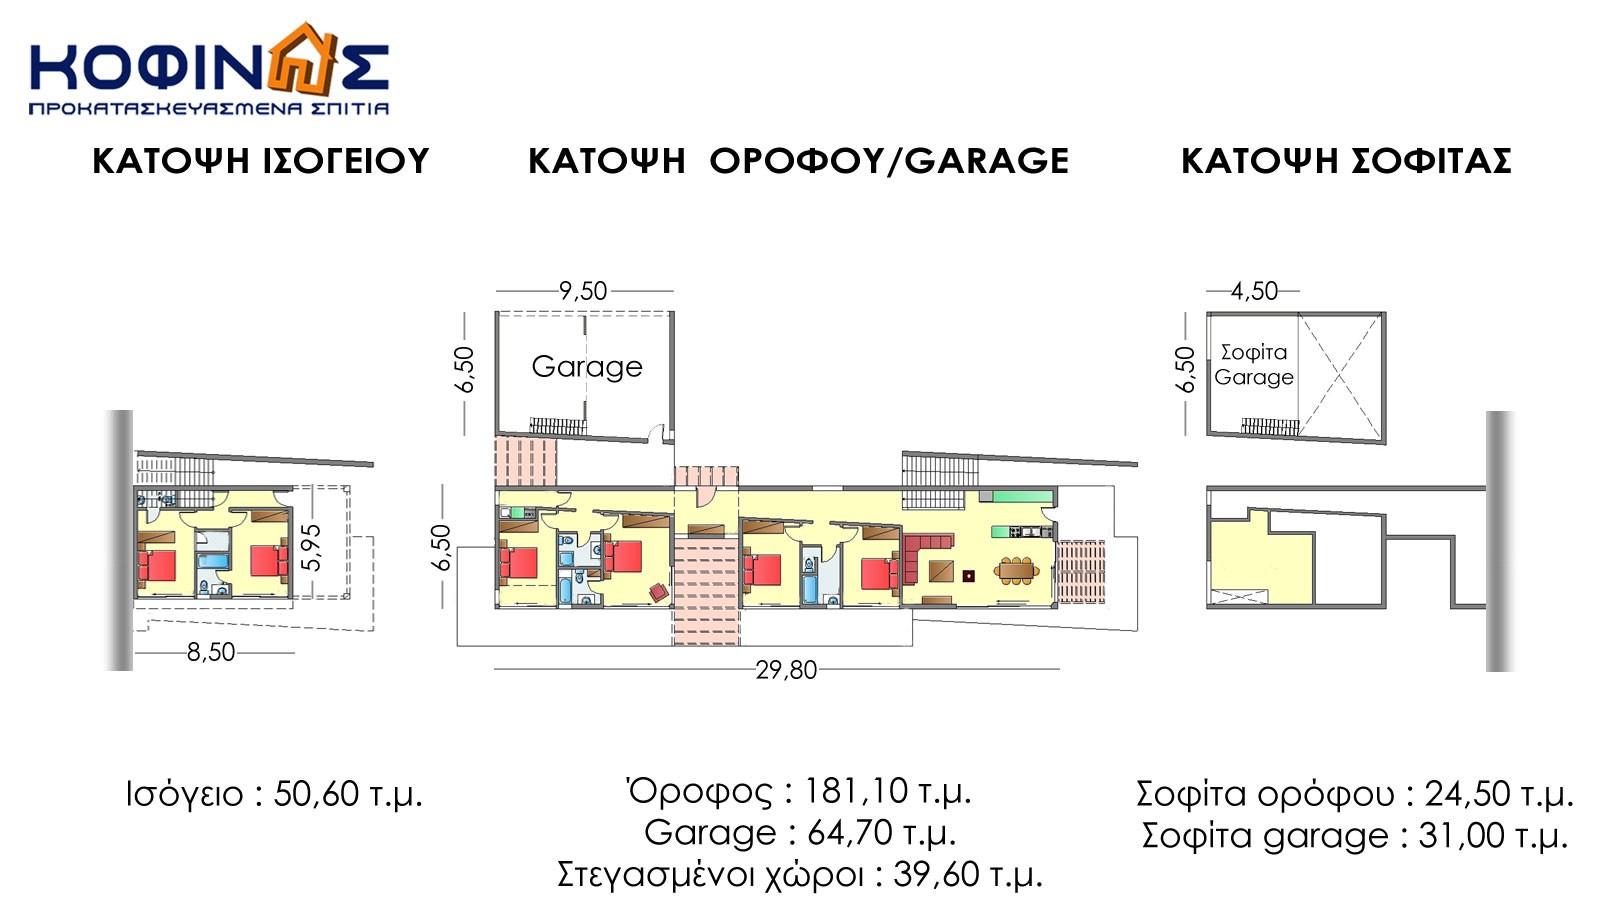 Διώροφη Κατοικία D-351, συνολικής επιφάνειας 351,80 τ.μ.